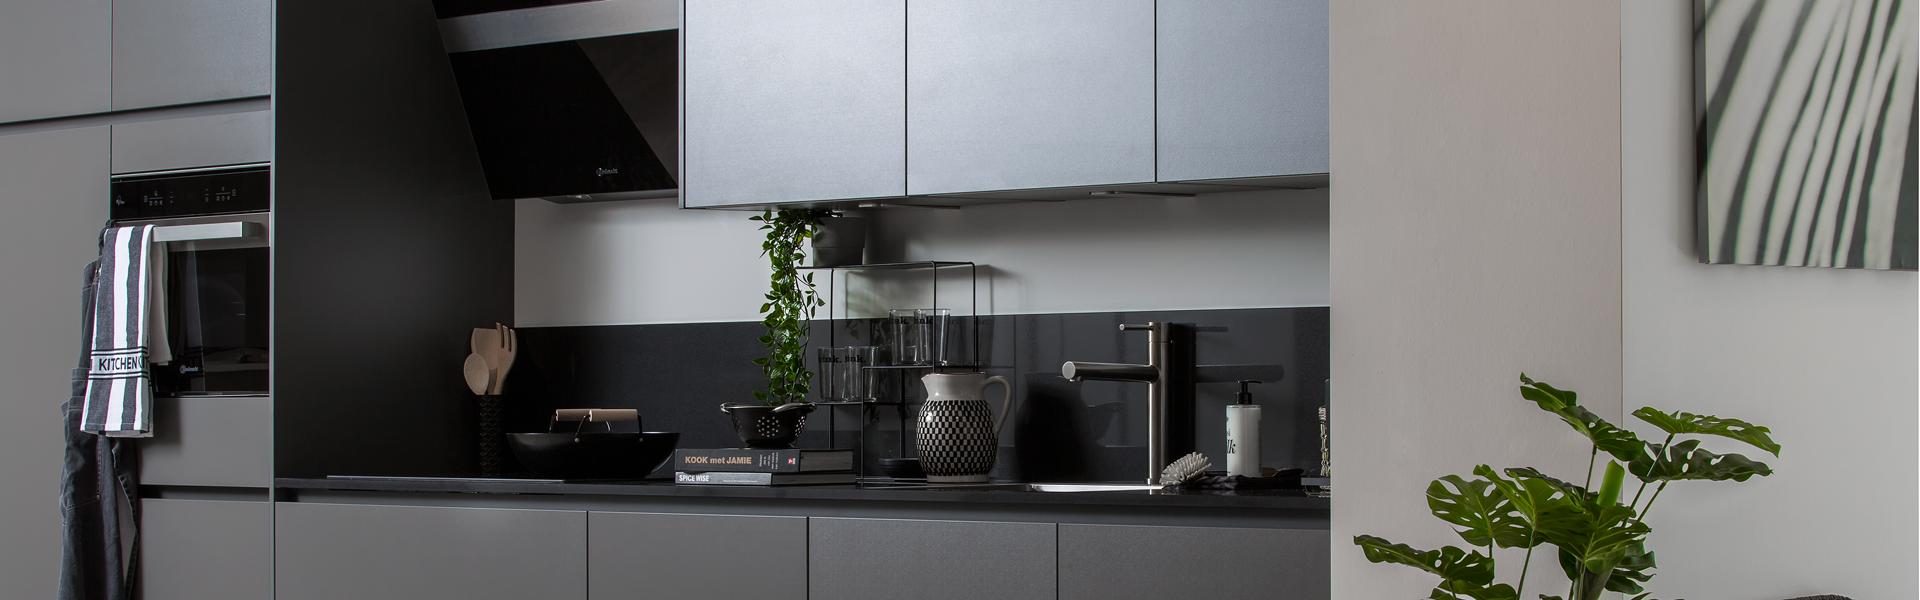 Zwarte keukens | Eigenhuis Keukens